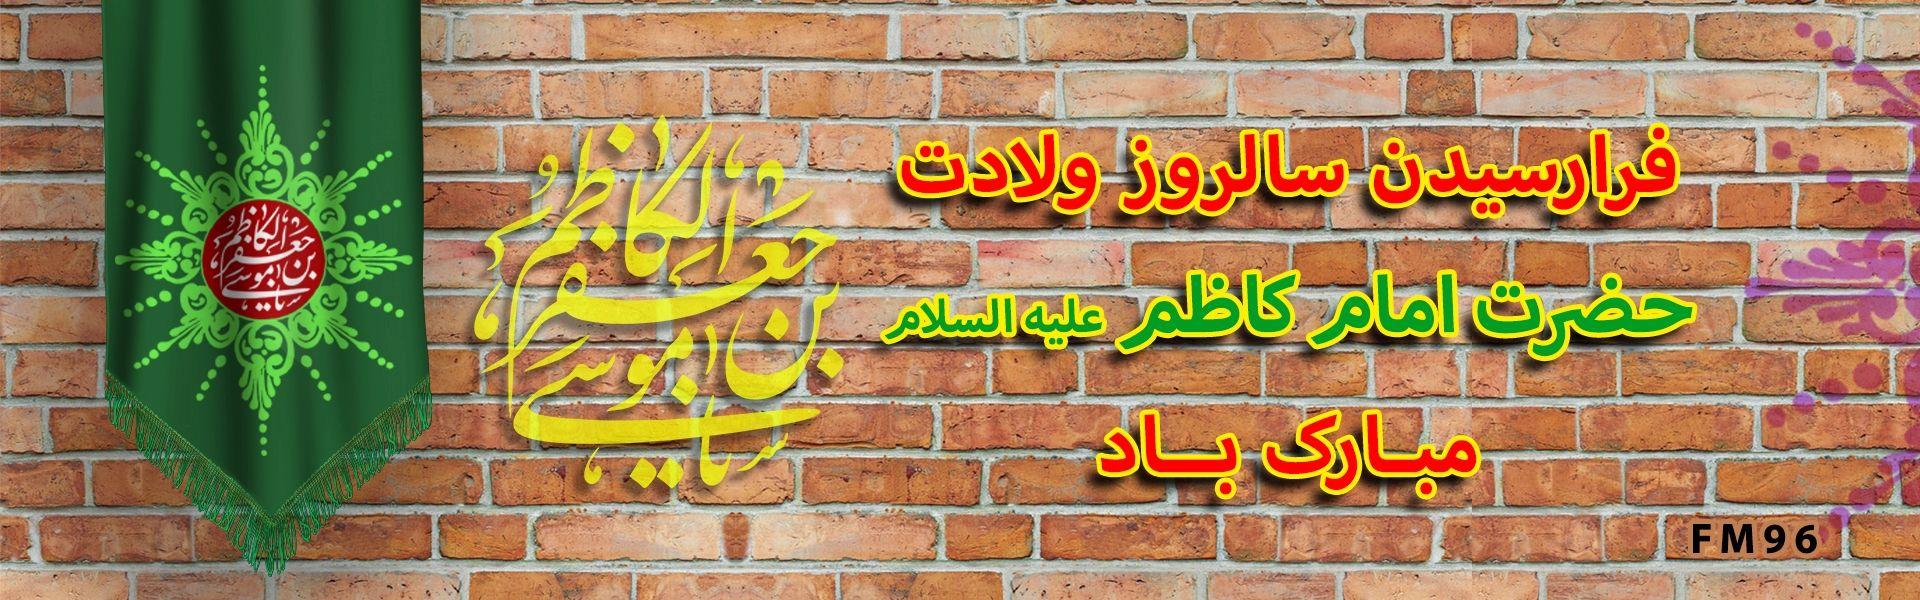 میلاد امام کاظم علیه السلام